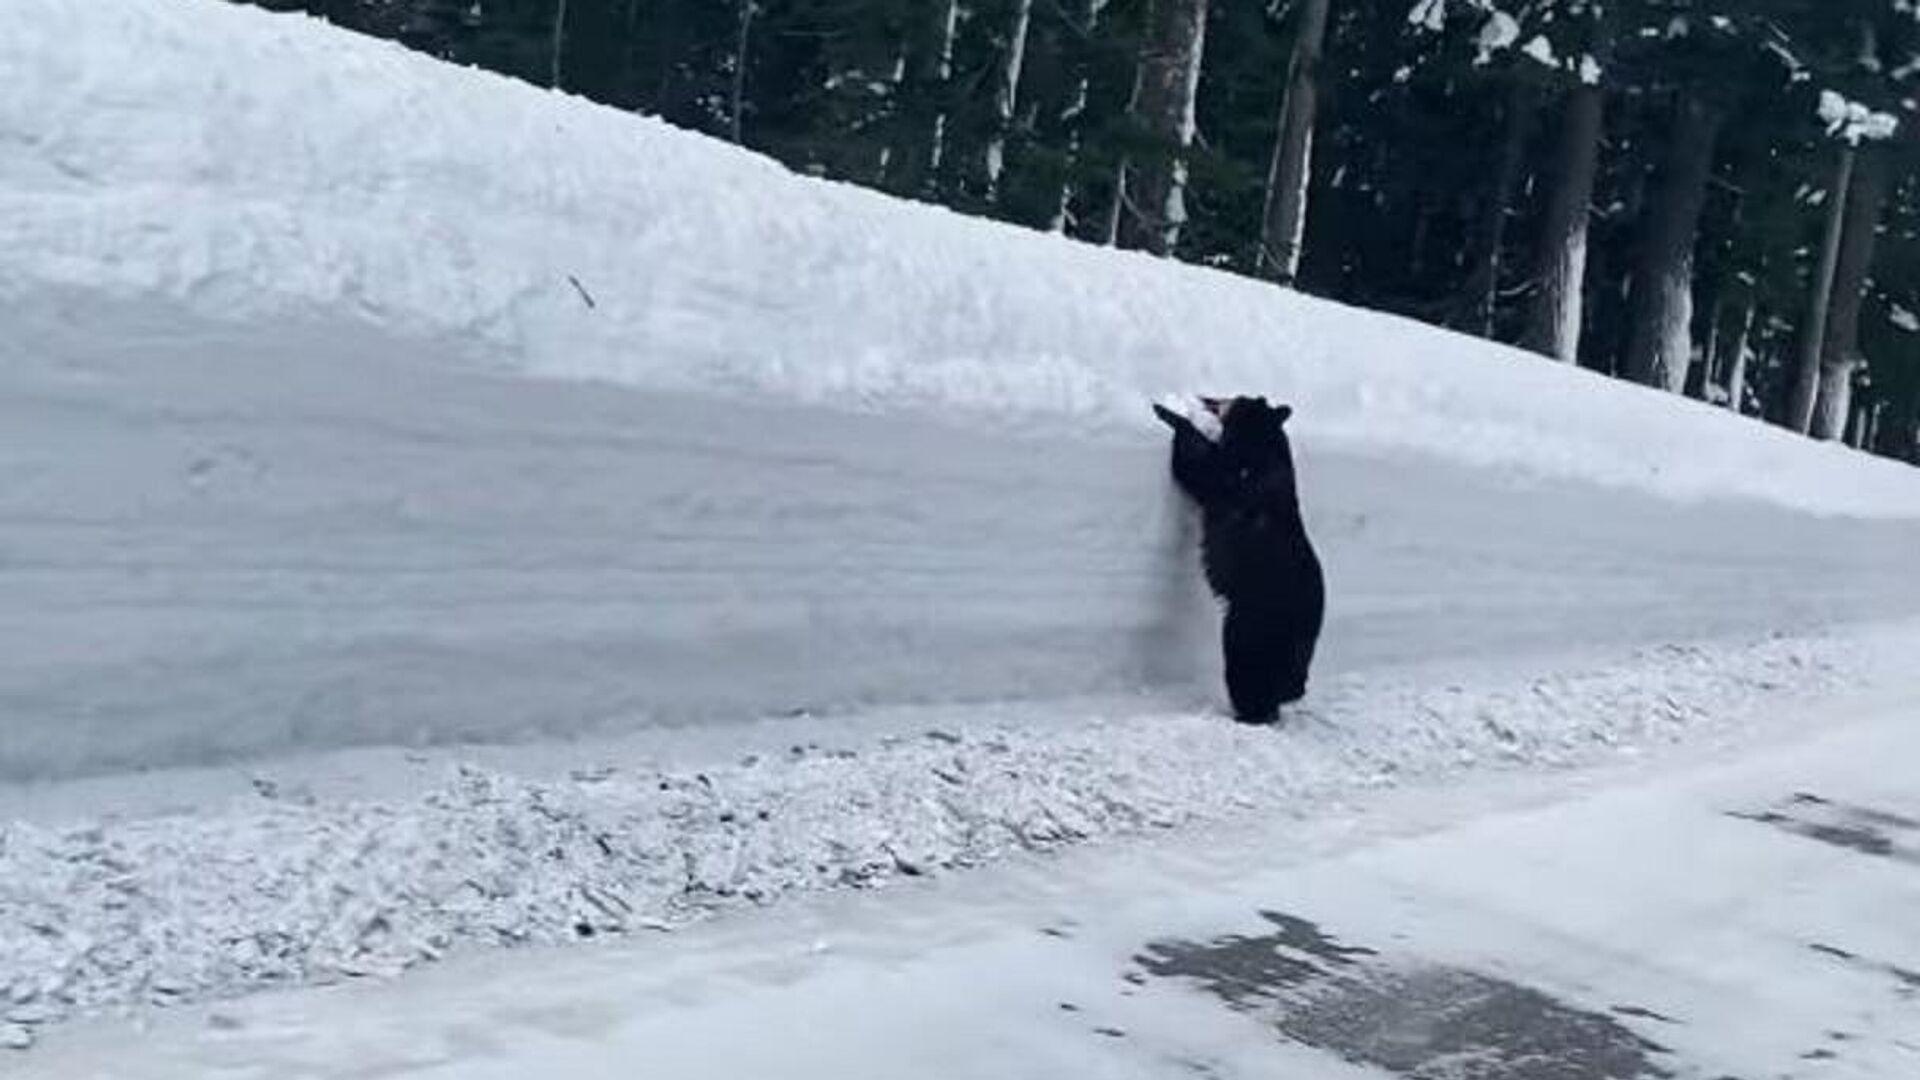 A la desesperada: un oso es acorralado por la nieve en la carretera - Sputnik Mundo, 1920, 03.03.2021